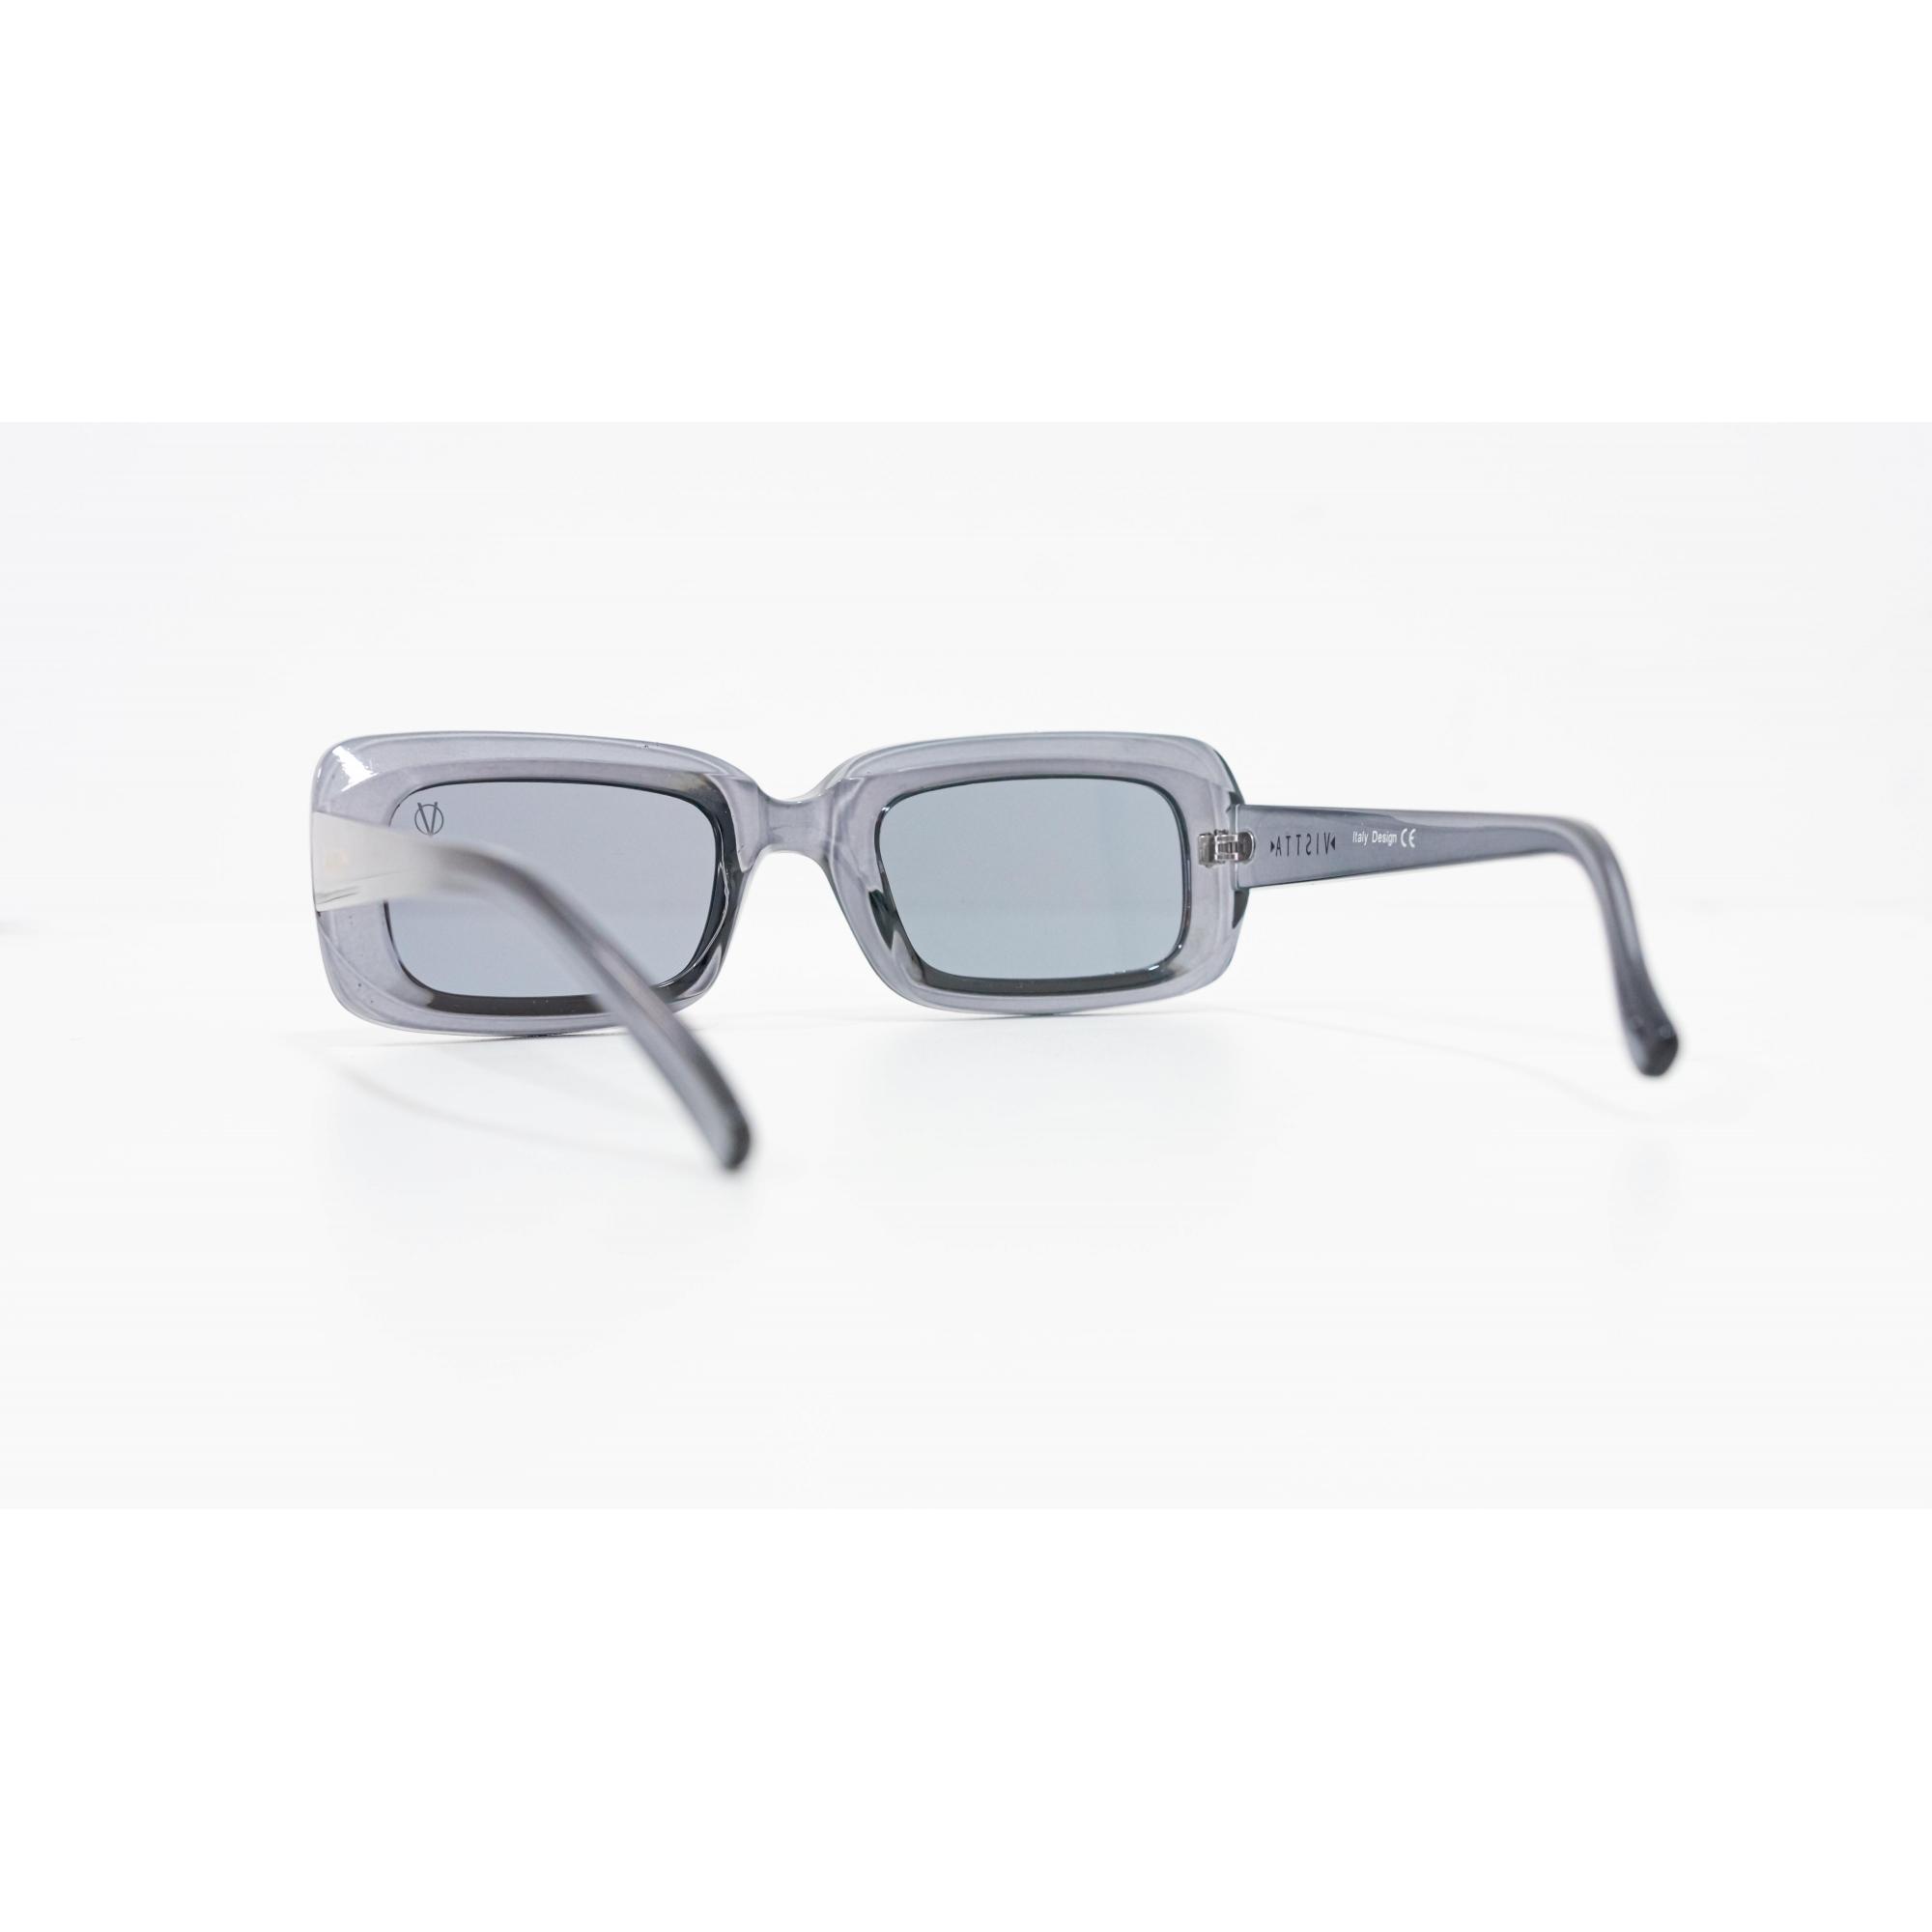 Óculos Vistta Aping Retangular LQ9010 C5 50 Cinza